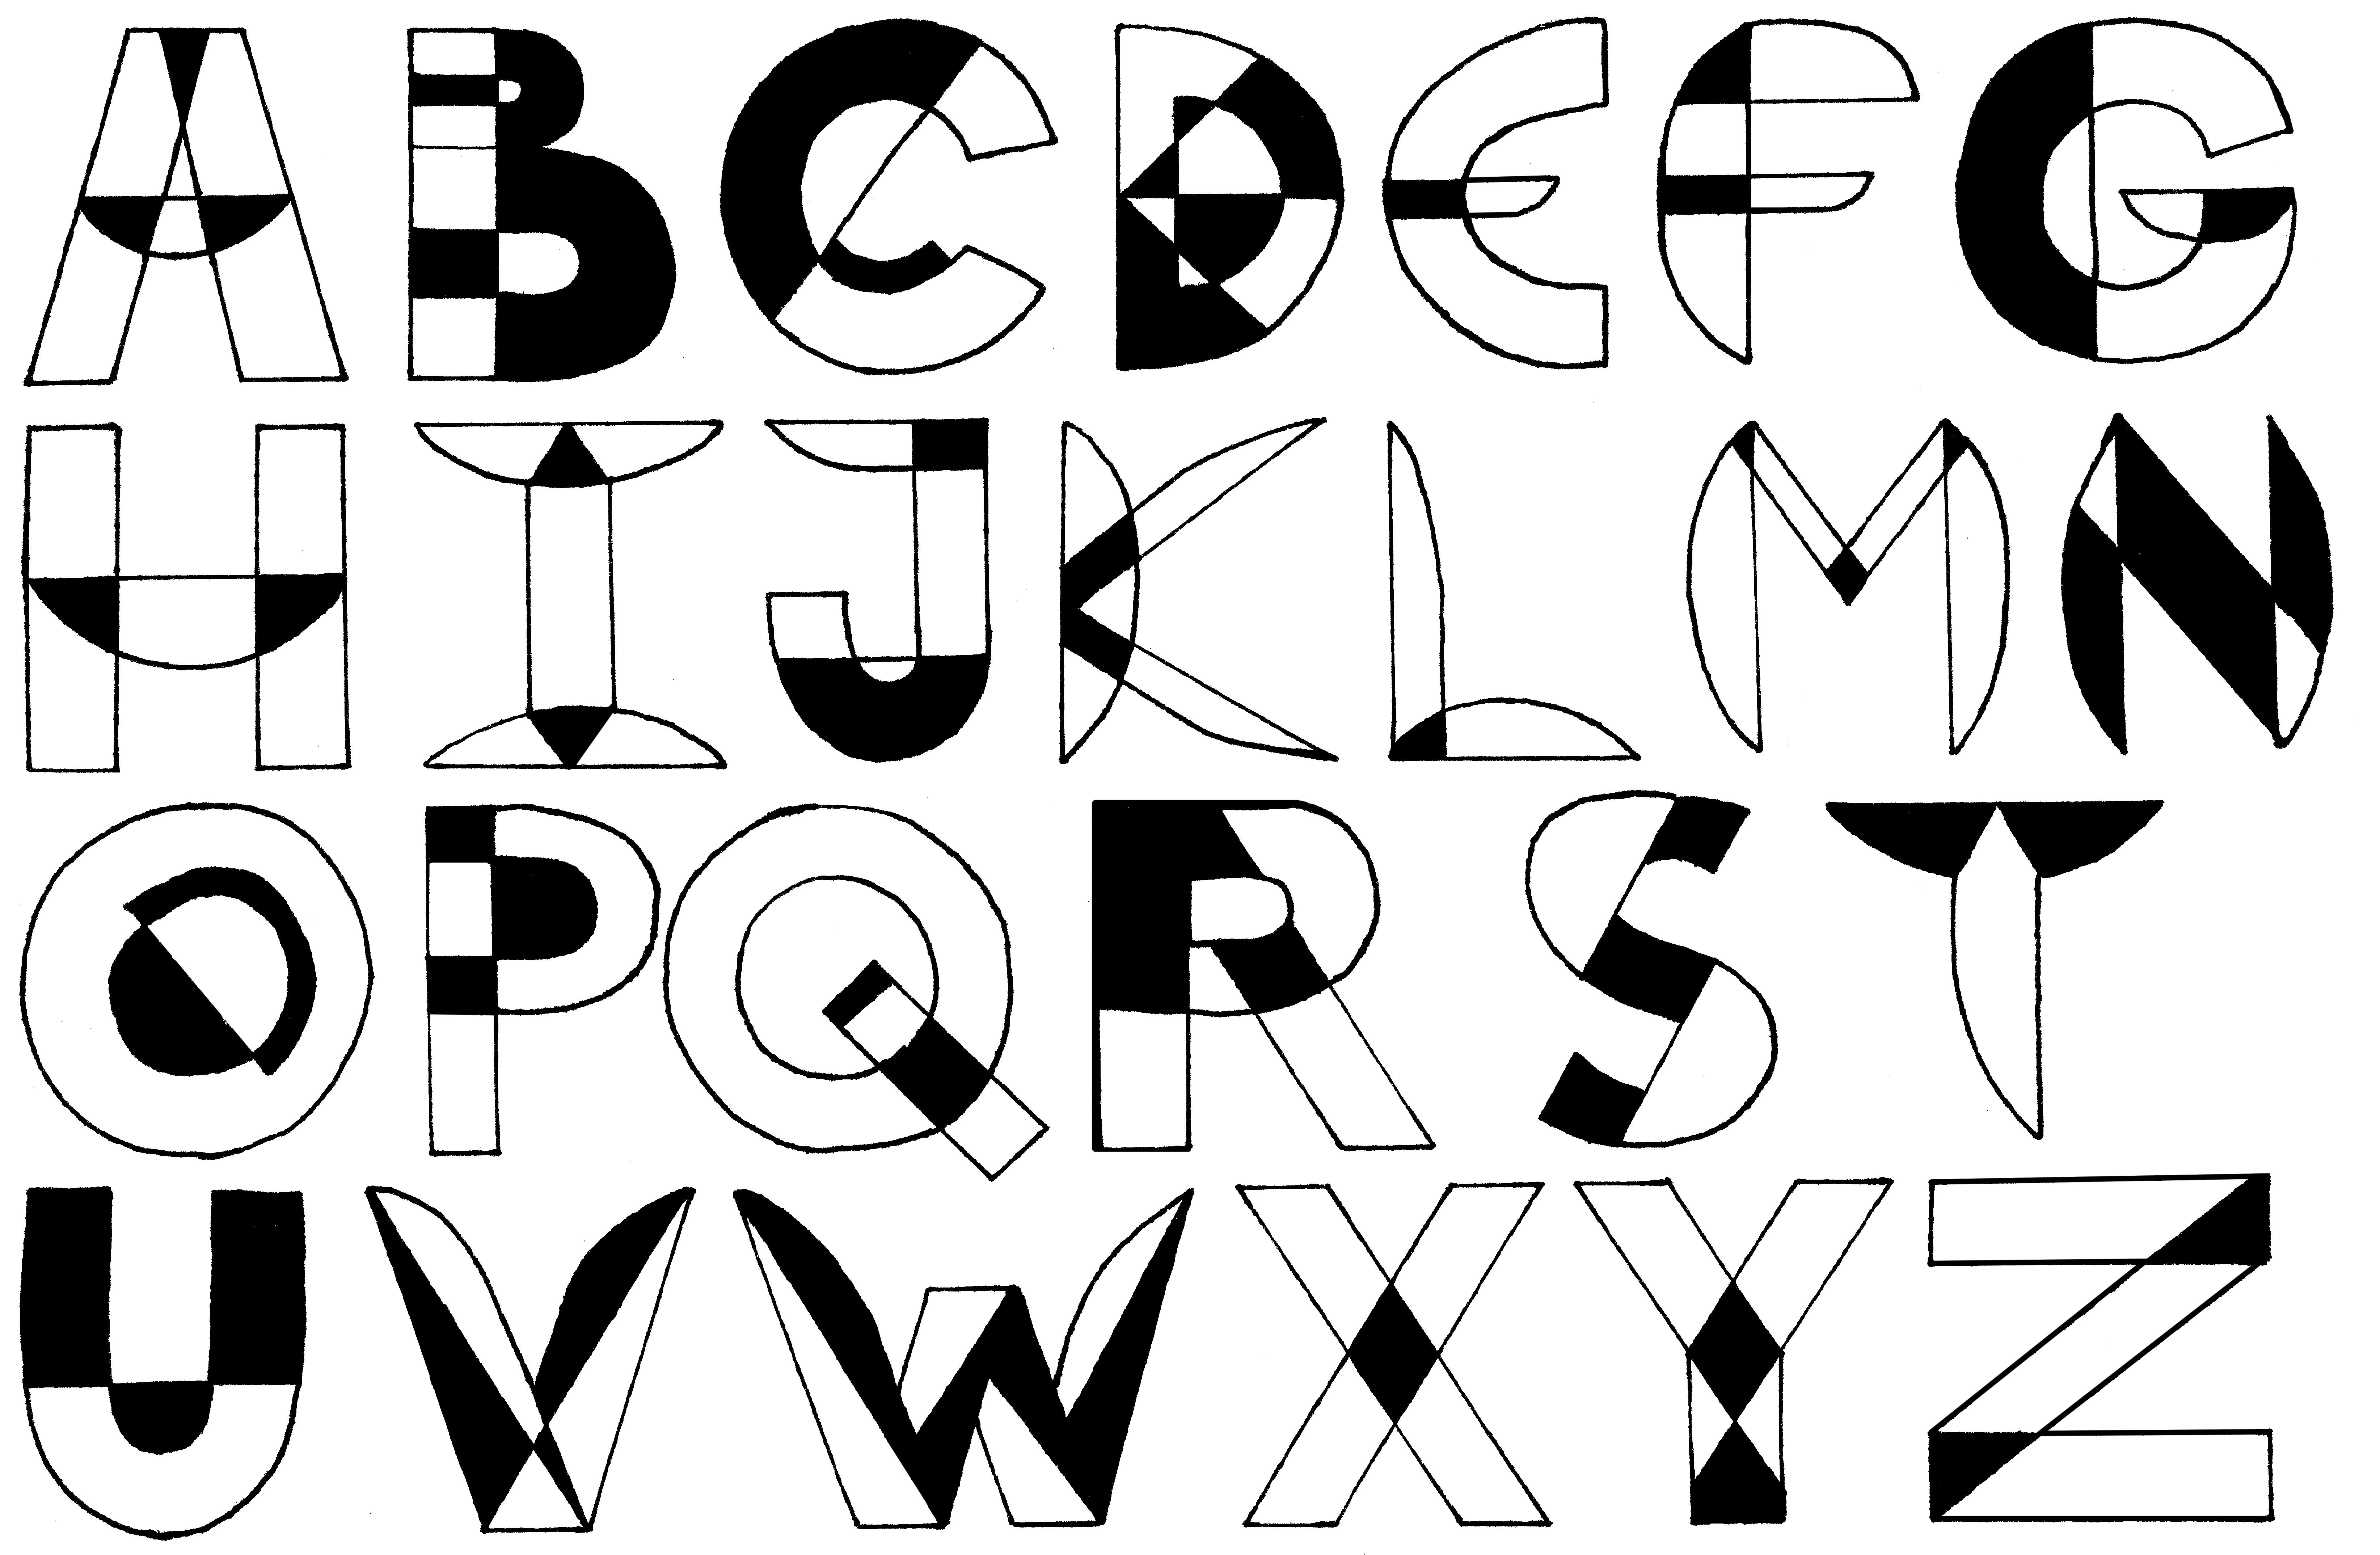 image Typography drawing text. Herbert bayer ben henderson